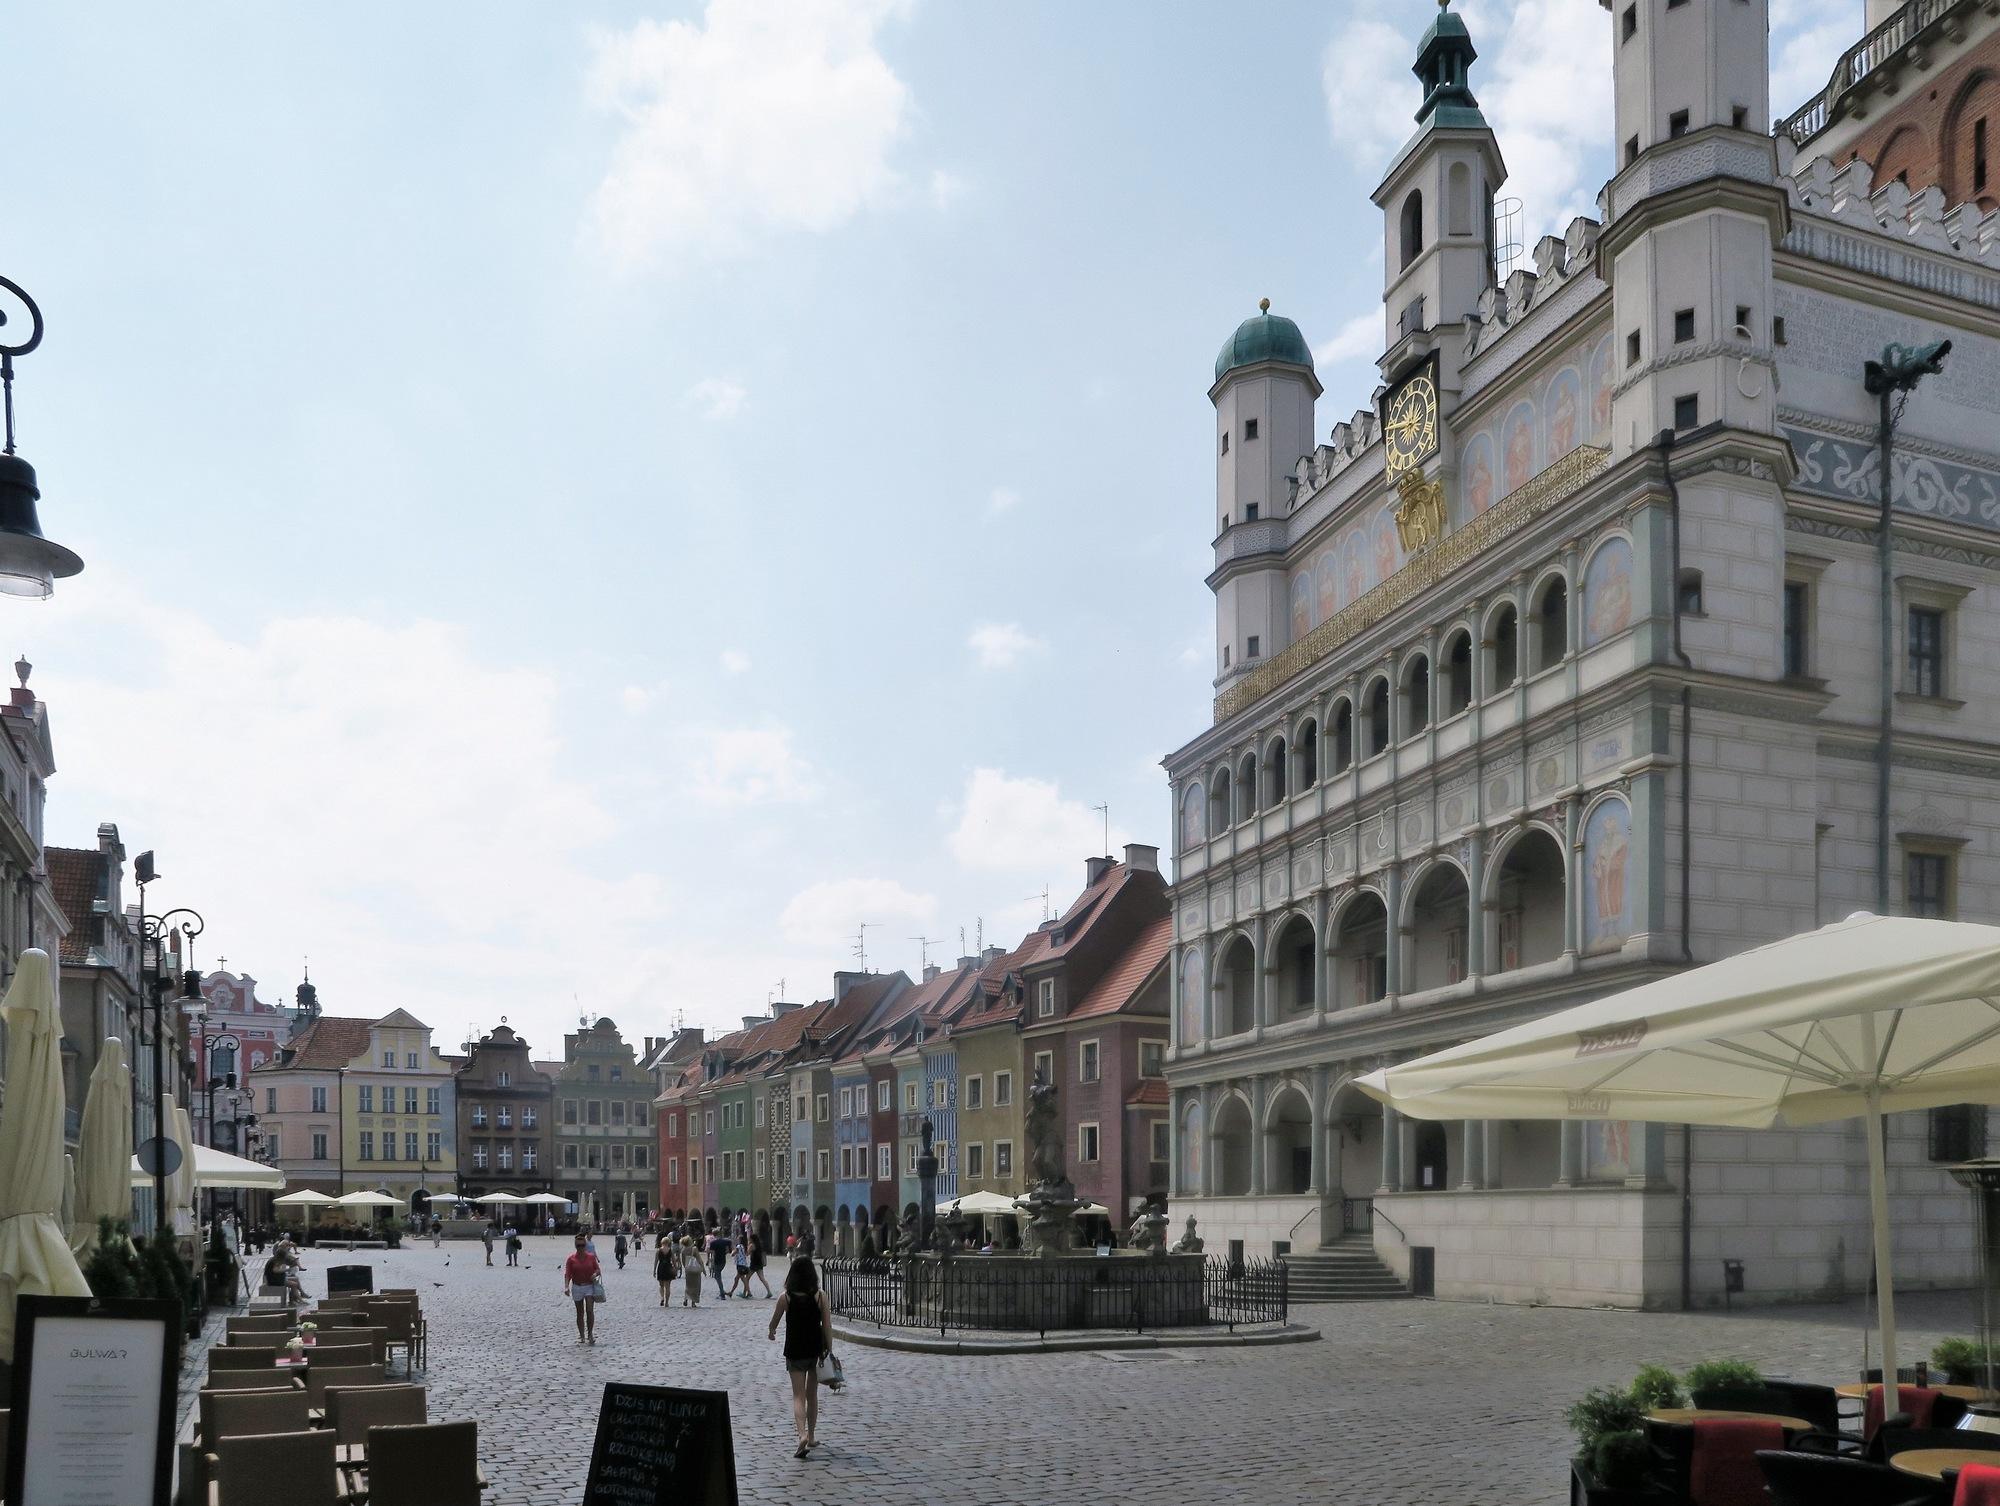 L'ancien hotel de ville et la place du marché : le Rynek